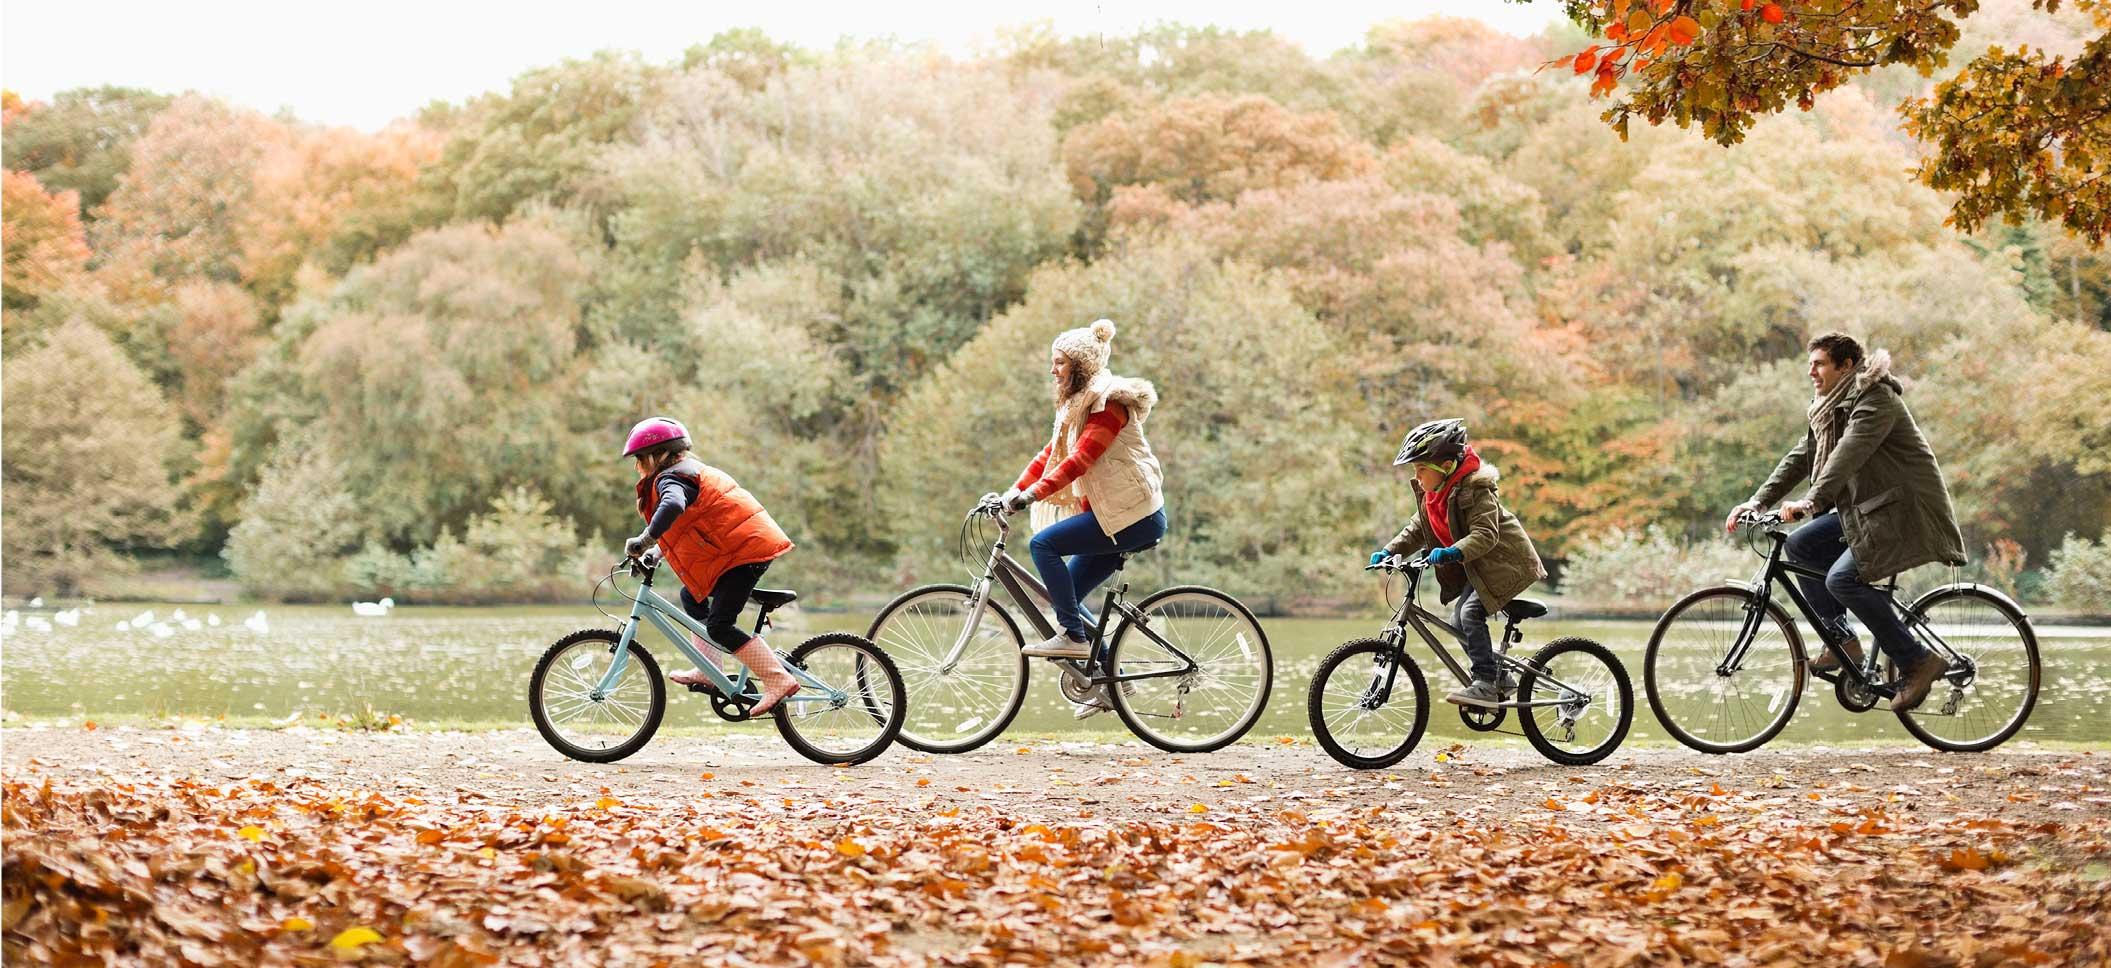 Family Biking in the Park